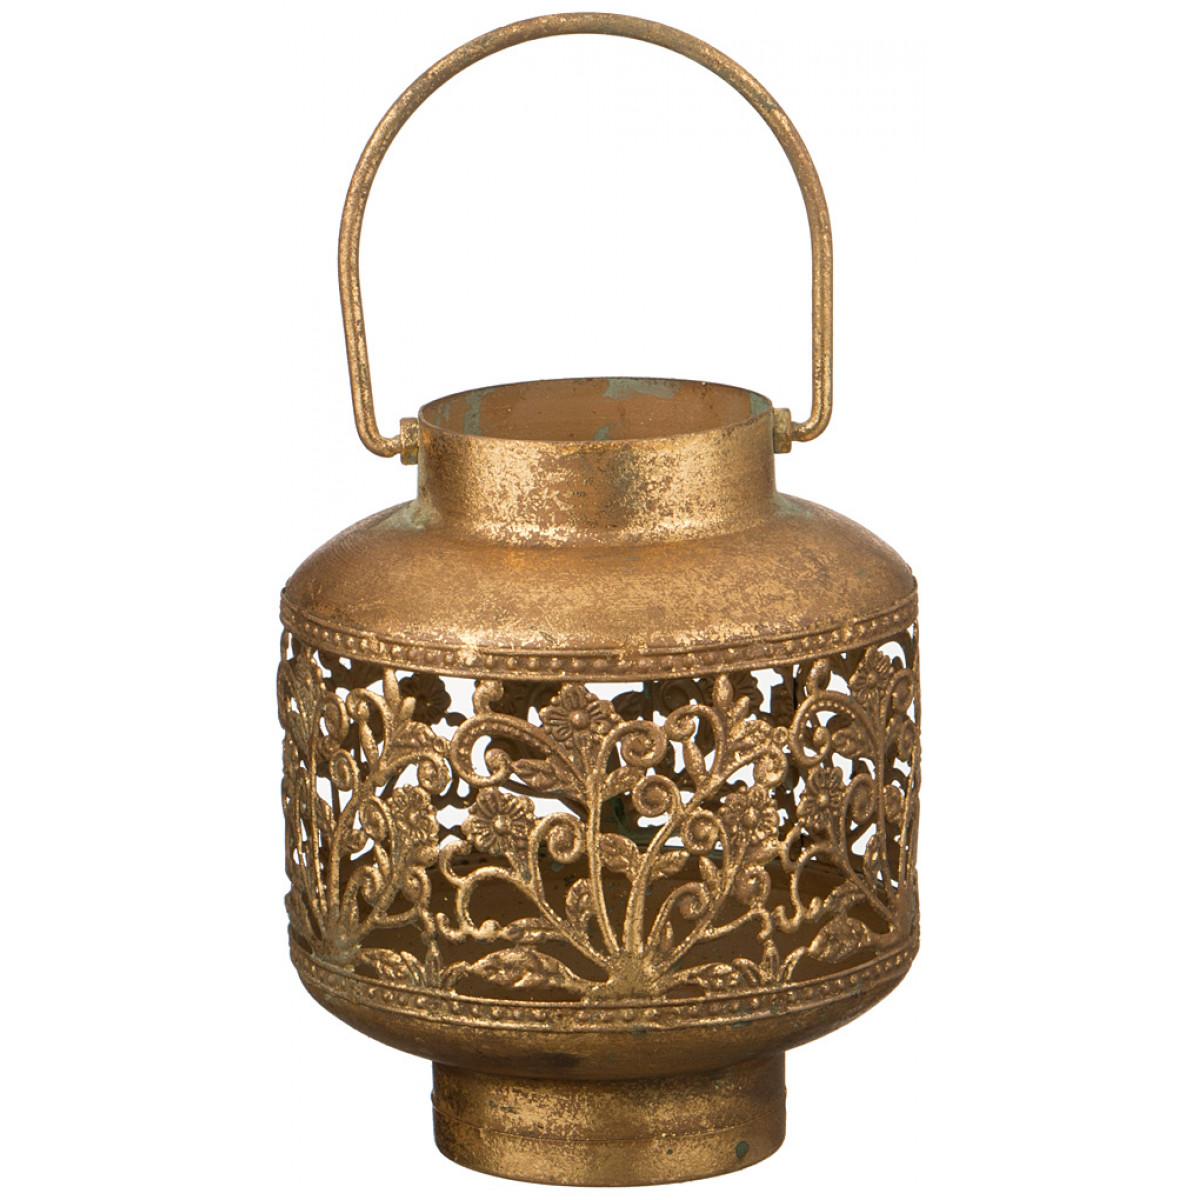 Купить Декоративные свечи Arti-M, Свеча-подсвечник Jophiel (14х14х17 см), Китай, Коричневый, Металл